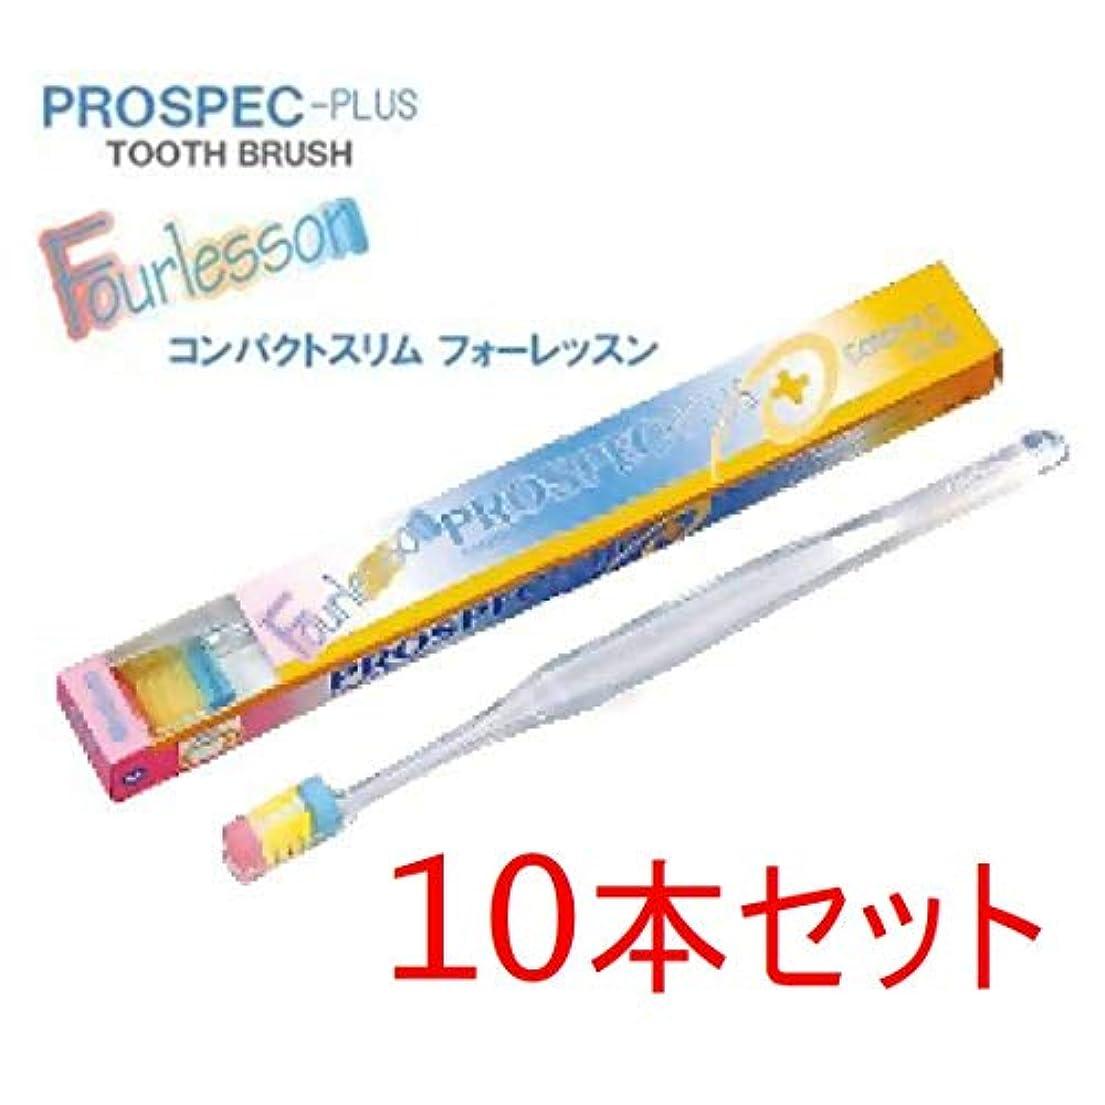 不毛しみ南方のプロスペック 歯ブラシ コンパクトスリム 10本 フォーレッスン 毛の硬さ ふつう